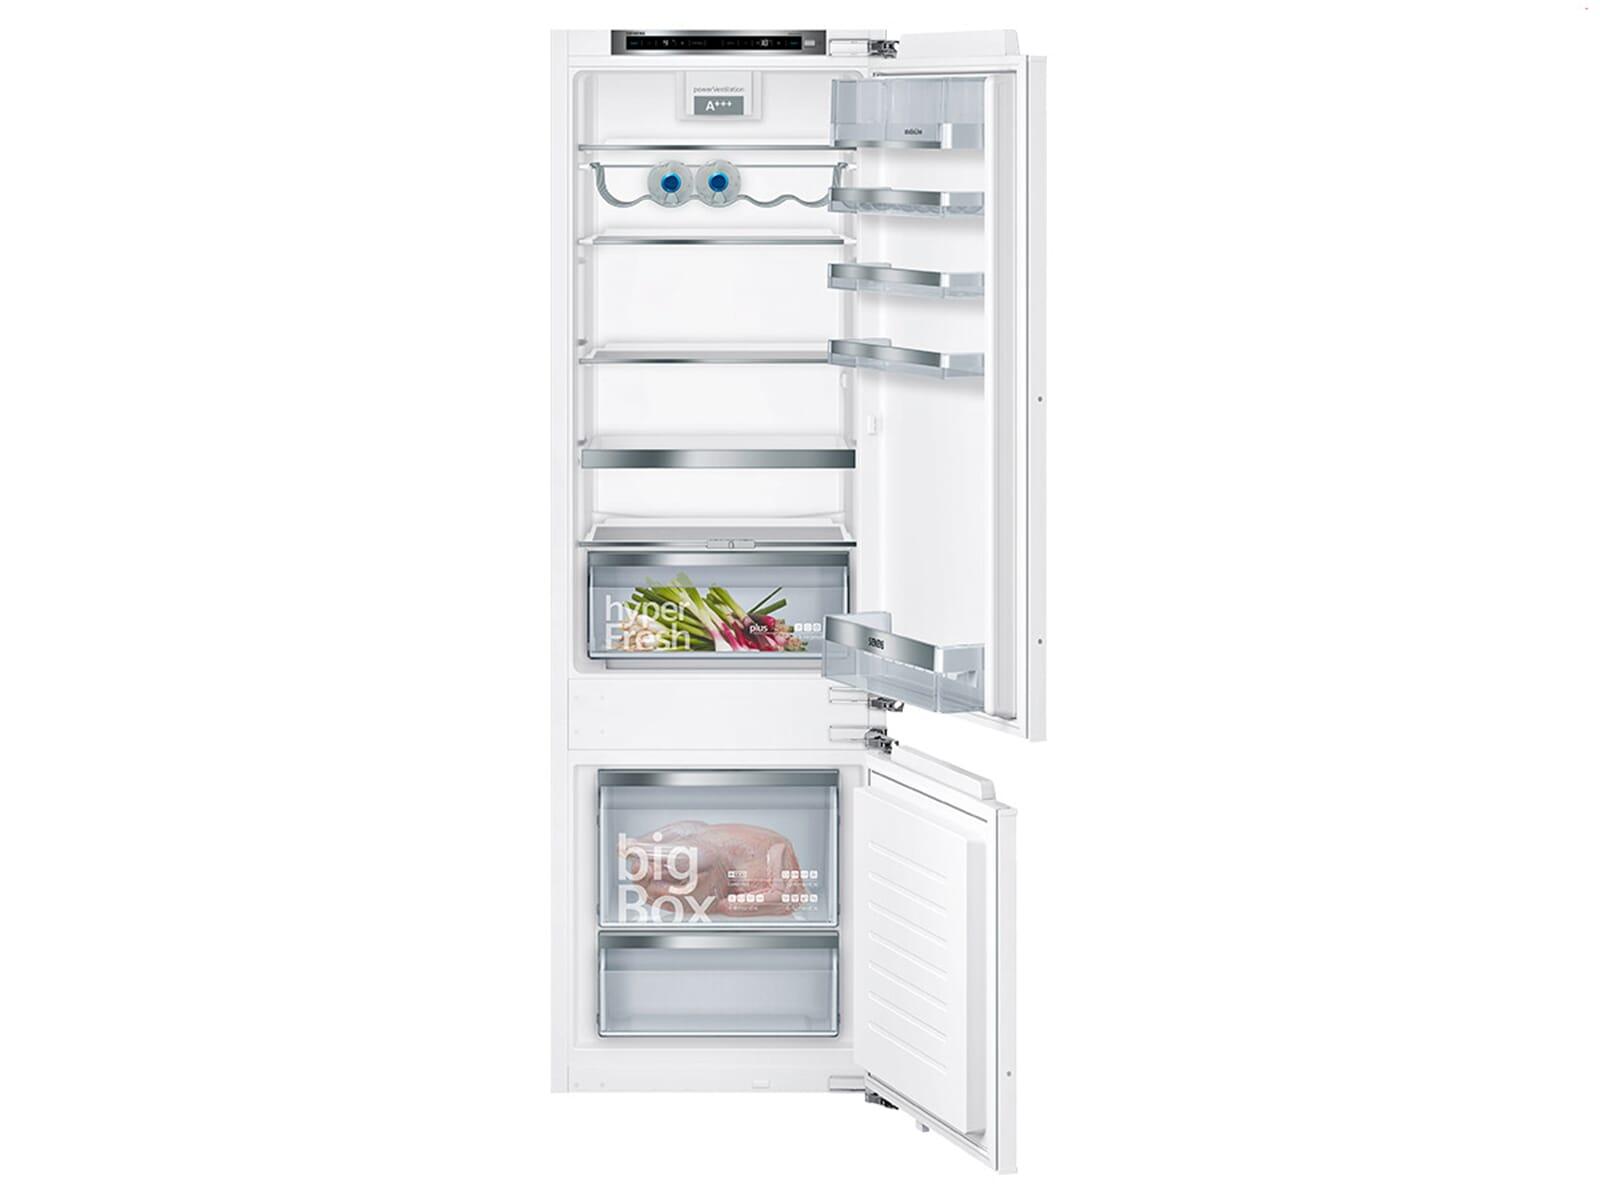 Siemens Kühlschrank Service : Siemens studioline ki ssd einbau kühl gefrierkombination